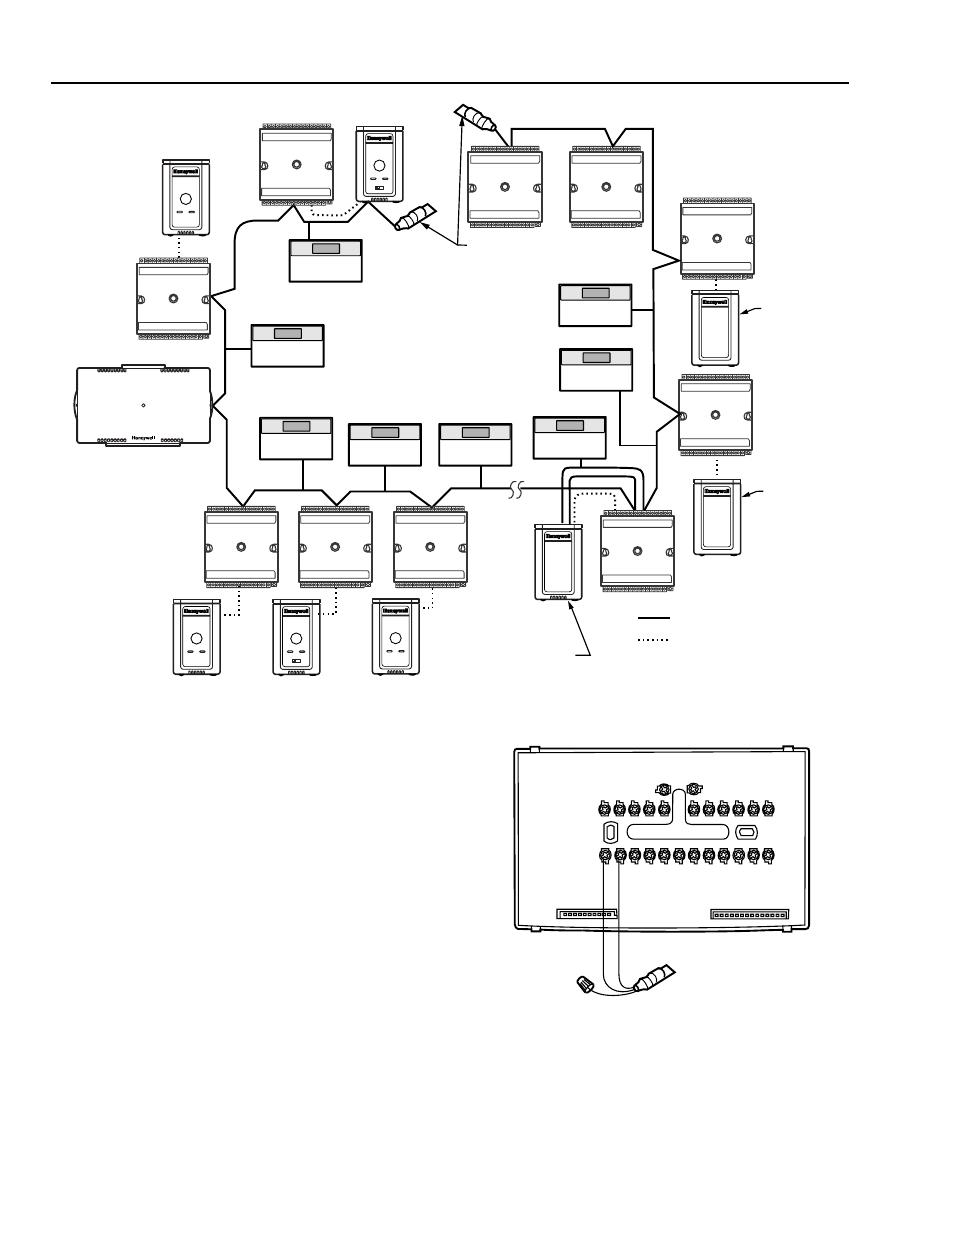 lonworks bus wiring guidelines